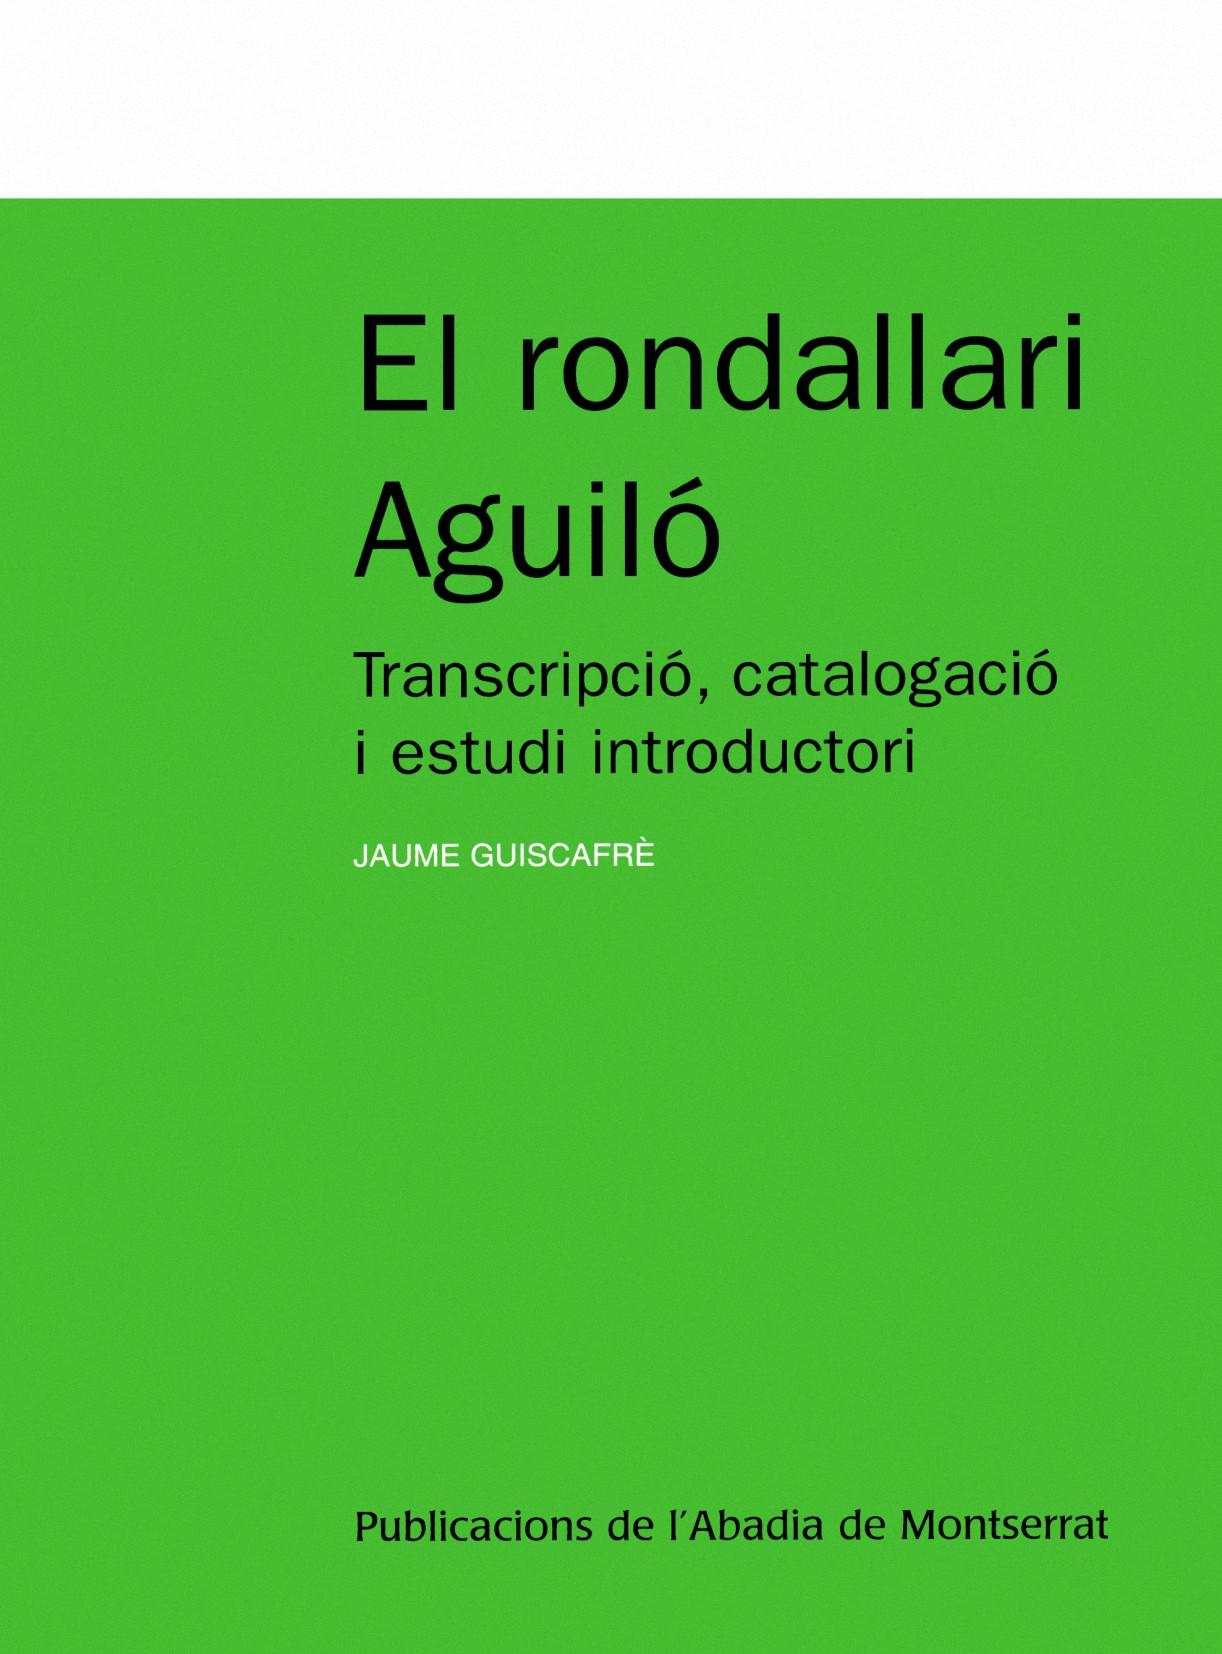 EL RONDALLARI AGUILÓ : TRANSCRIPCIÓ, CATALOGACIÓ I ESTUDI INTRODUCTORI